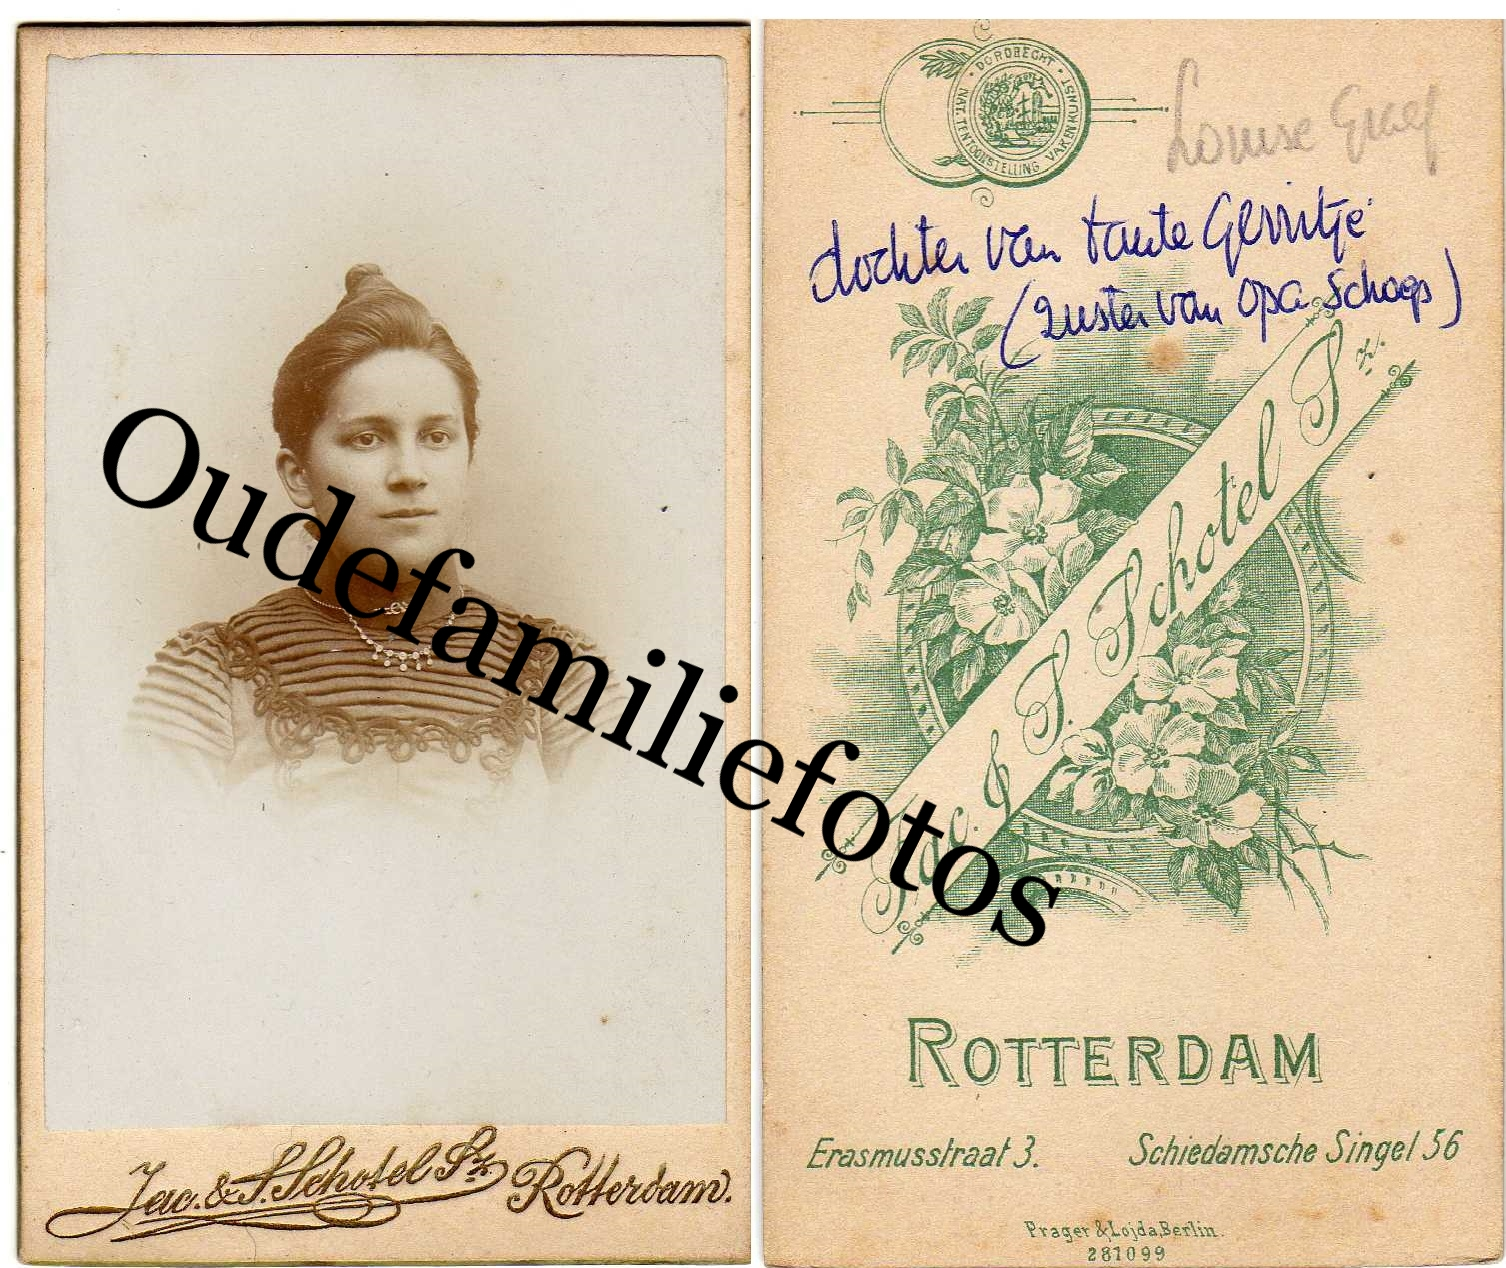 Graaf, Louisa Adriana. Geb. 6-5-1872 Rotterdam. getrouwd met Jan Berger. € 3,00